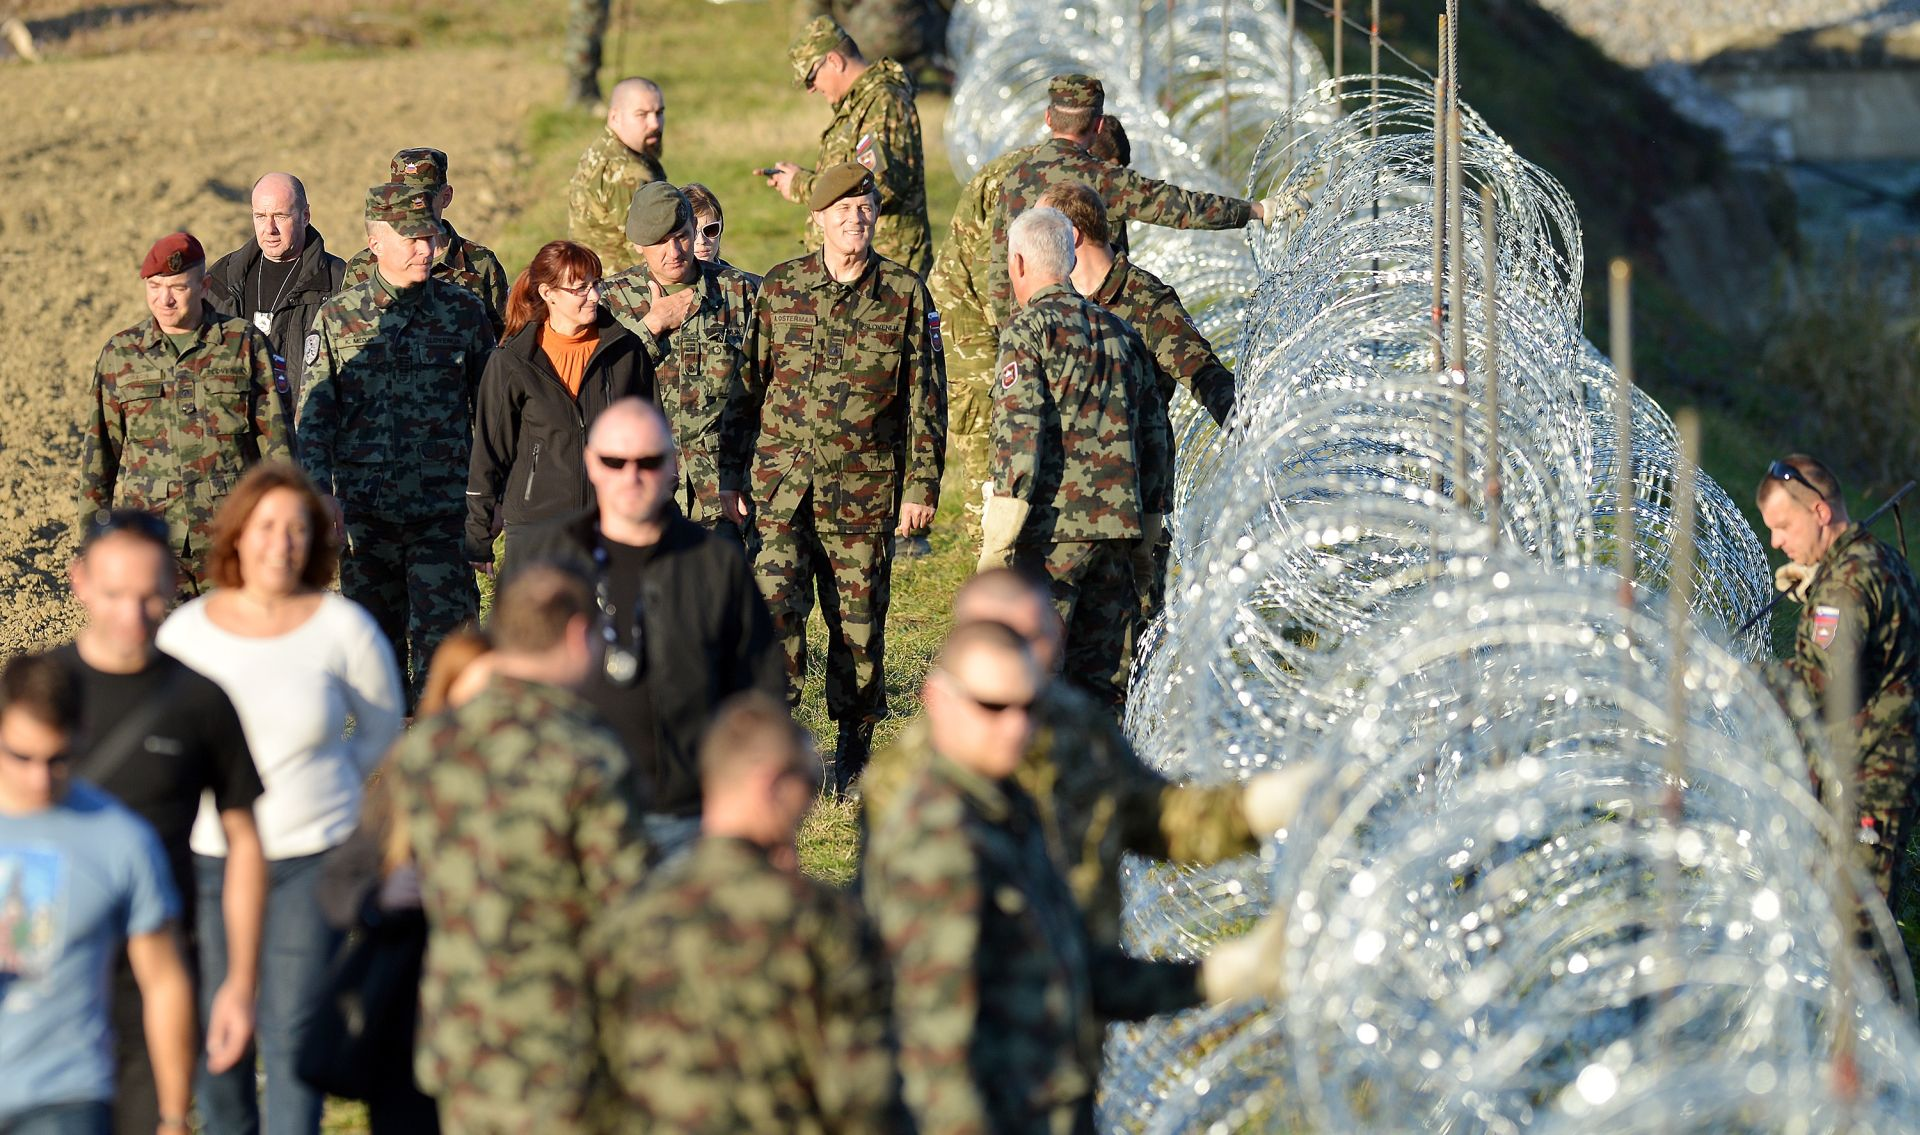 SLOVENIJA I AUSTRIJA ZATVARAU GRANICE? Srbi tvrde da inicijativa dolazi iz Slovenije, oni demantiraju